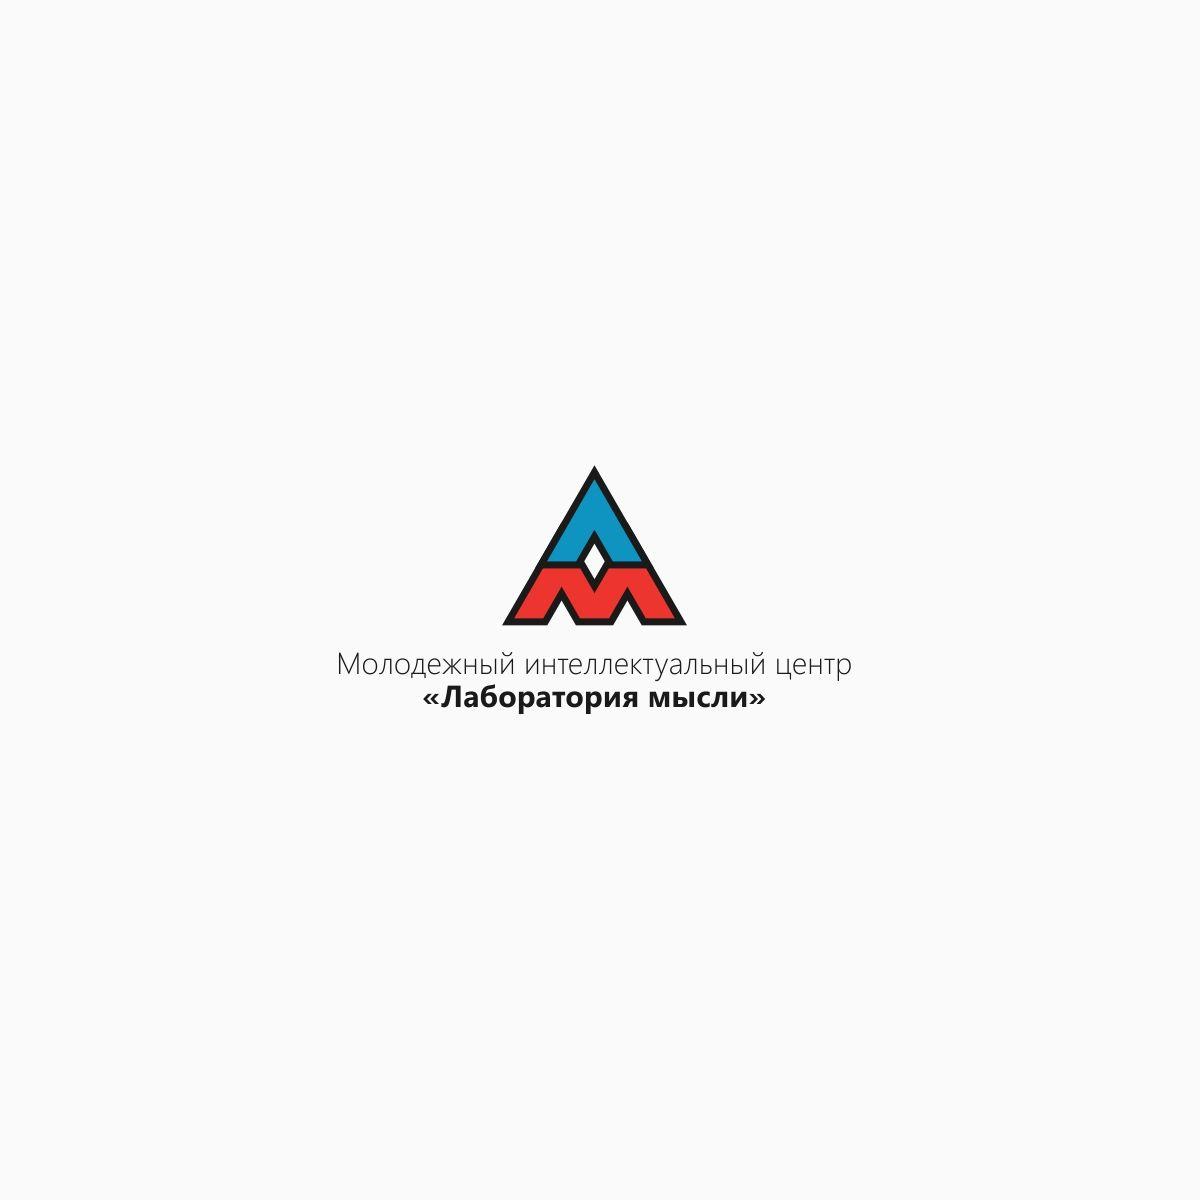 Мыслелаб! Логотип для интеллектуального центра - дизайнер TVdesign